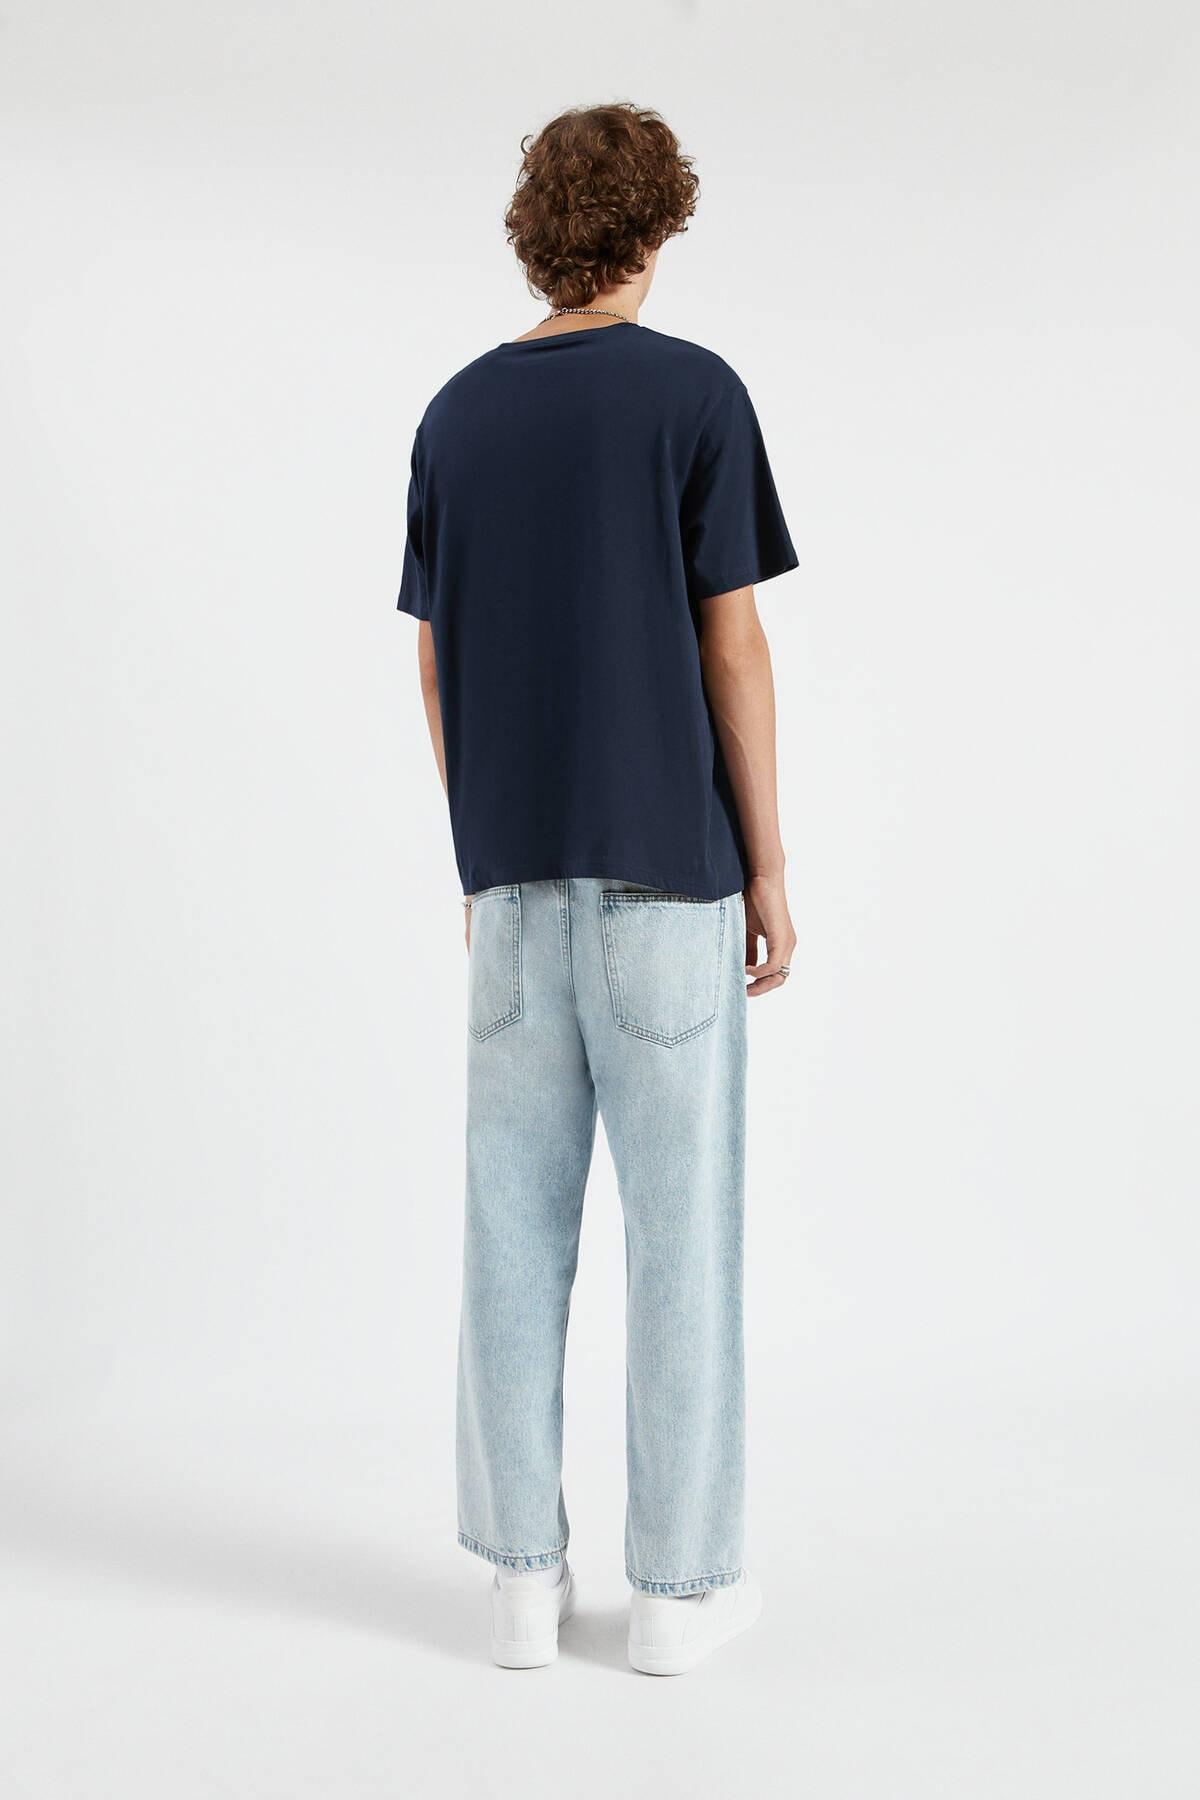 Pull & Bear Erkek Lacivert Join Life Basic T-Shirt 09244500 3